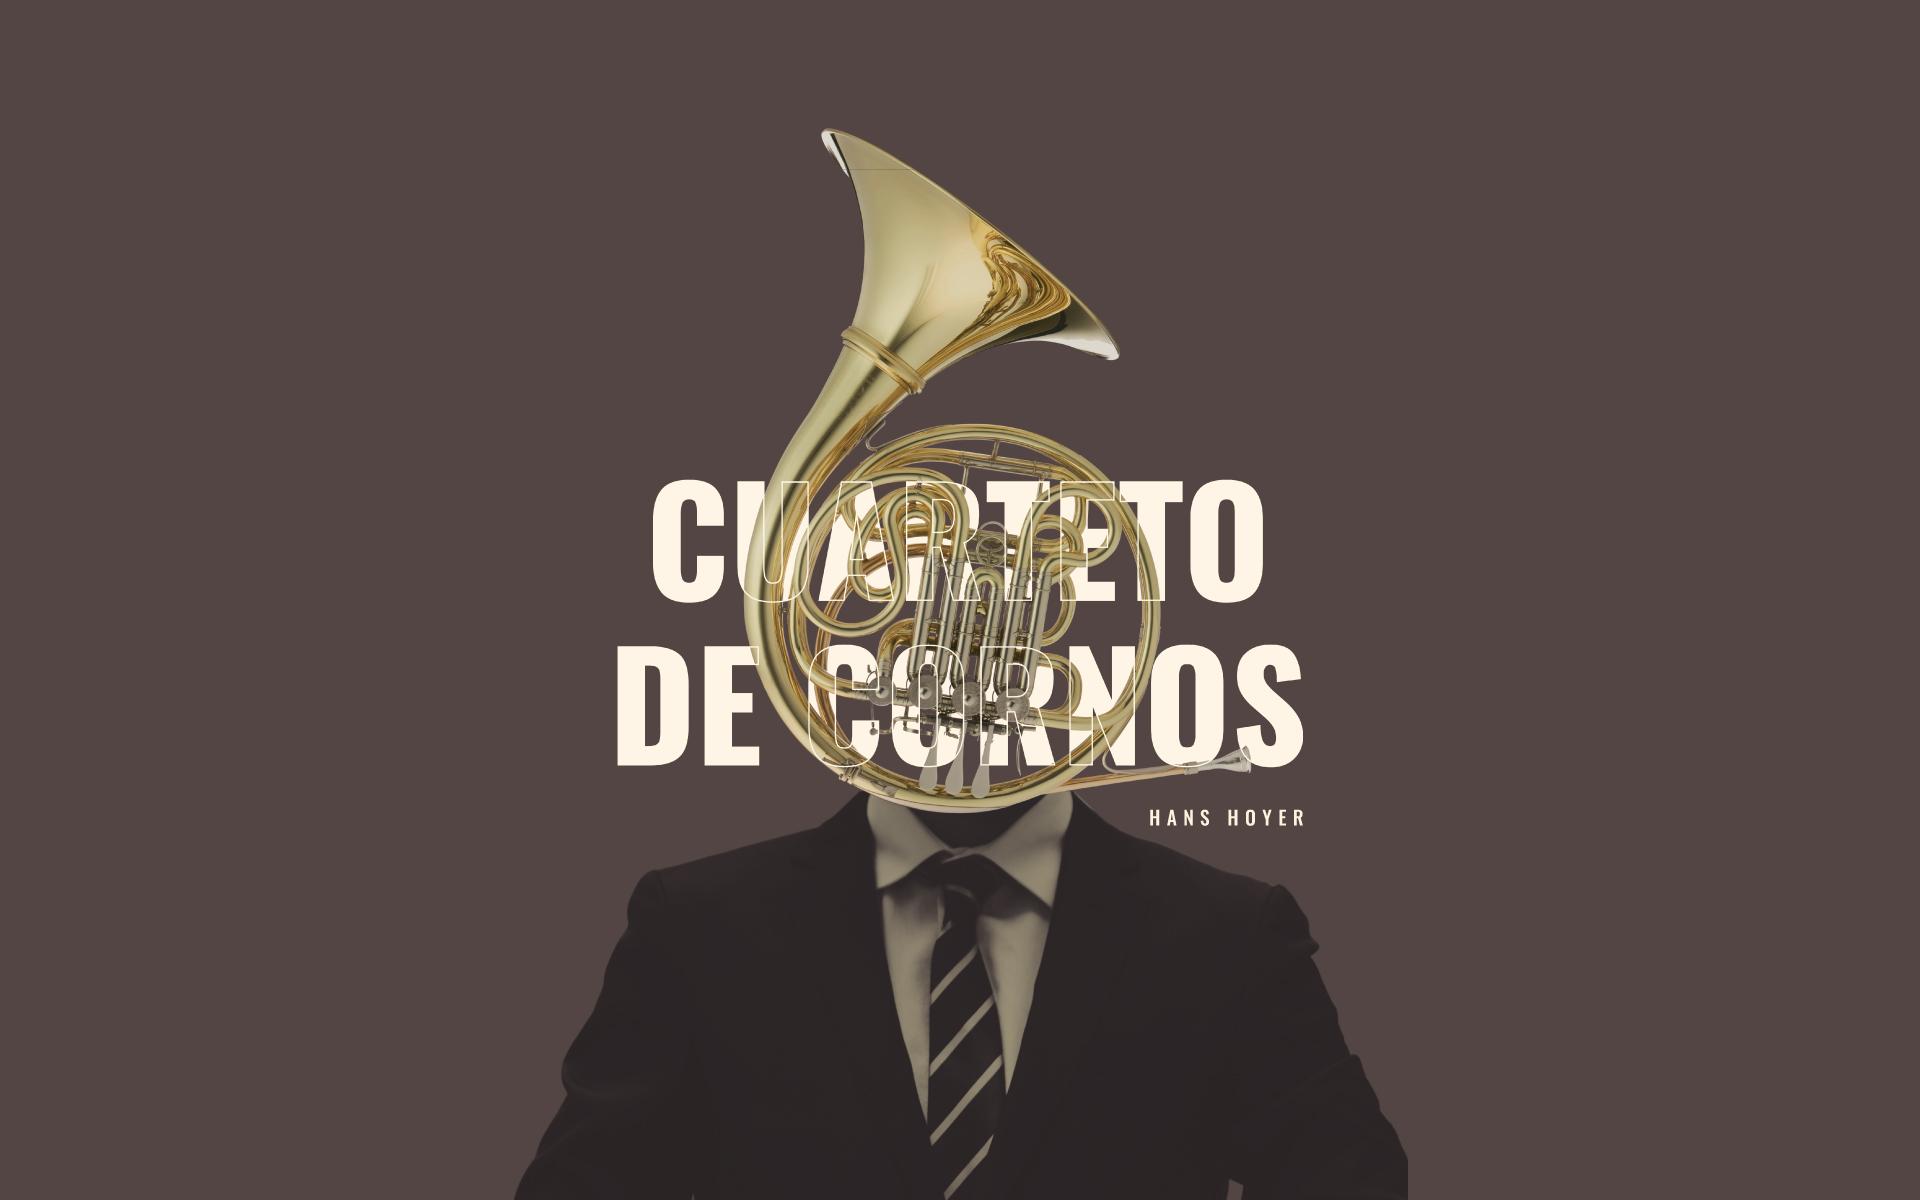 Filarmed y Cuarteto de Cornos HANS HOYER